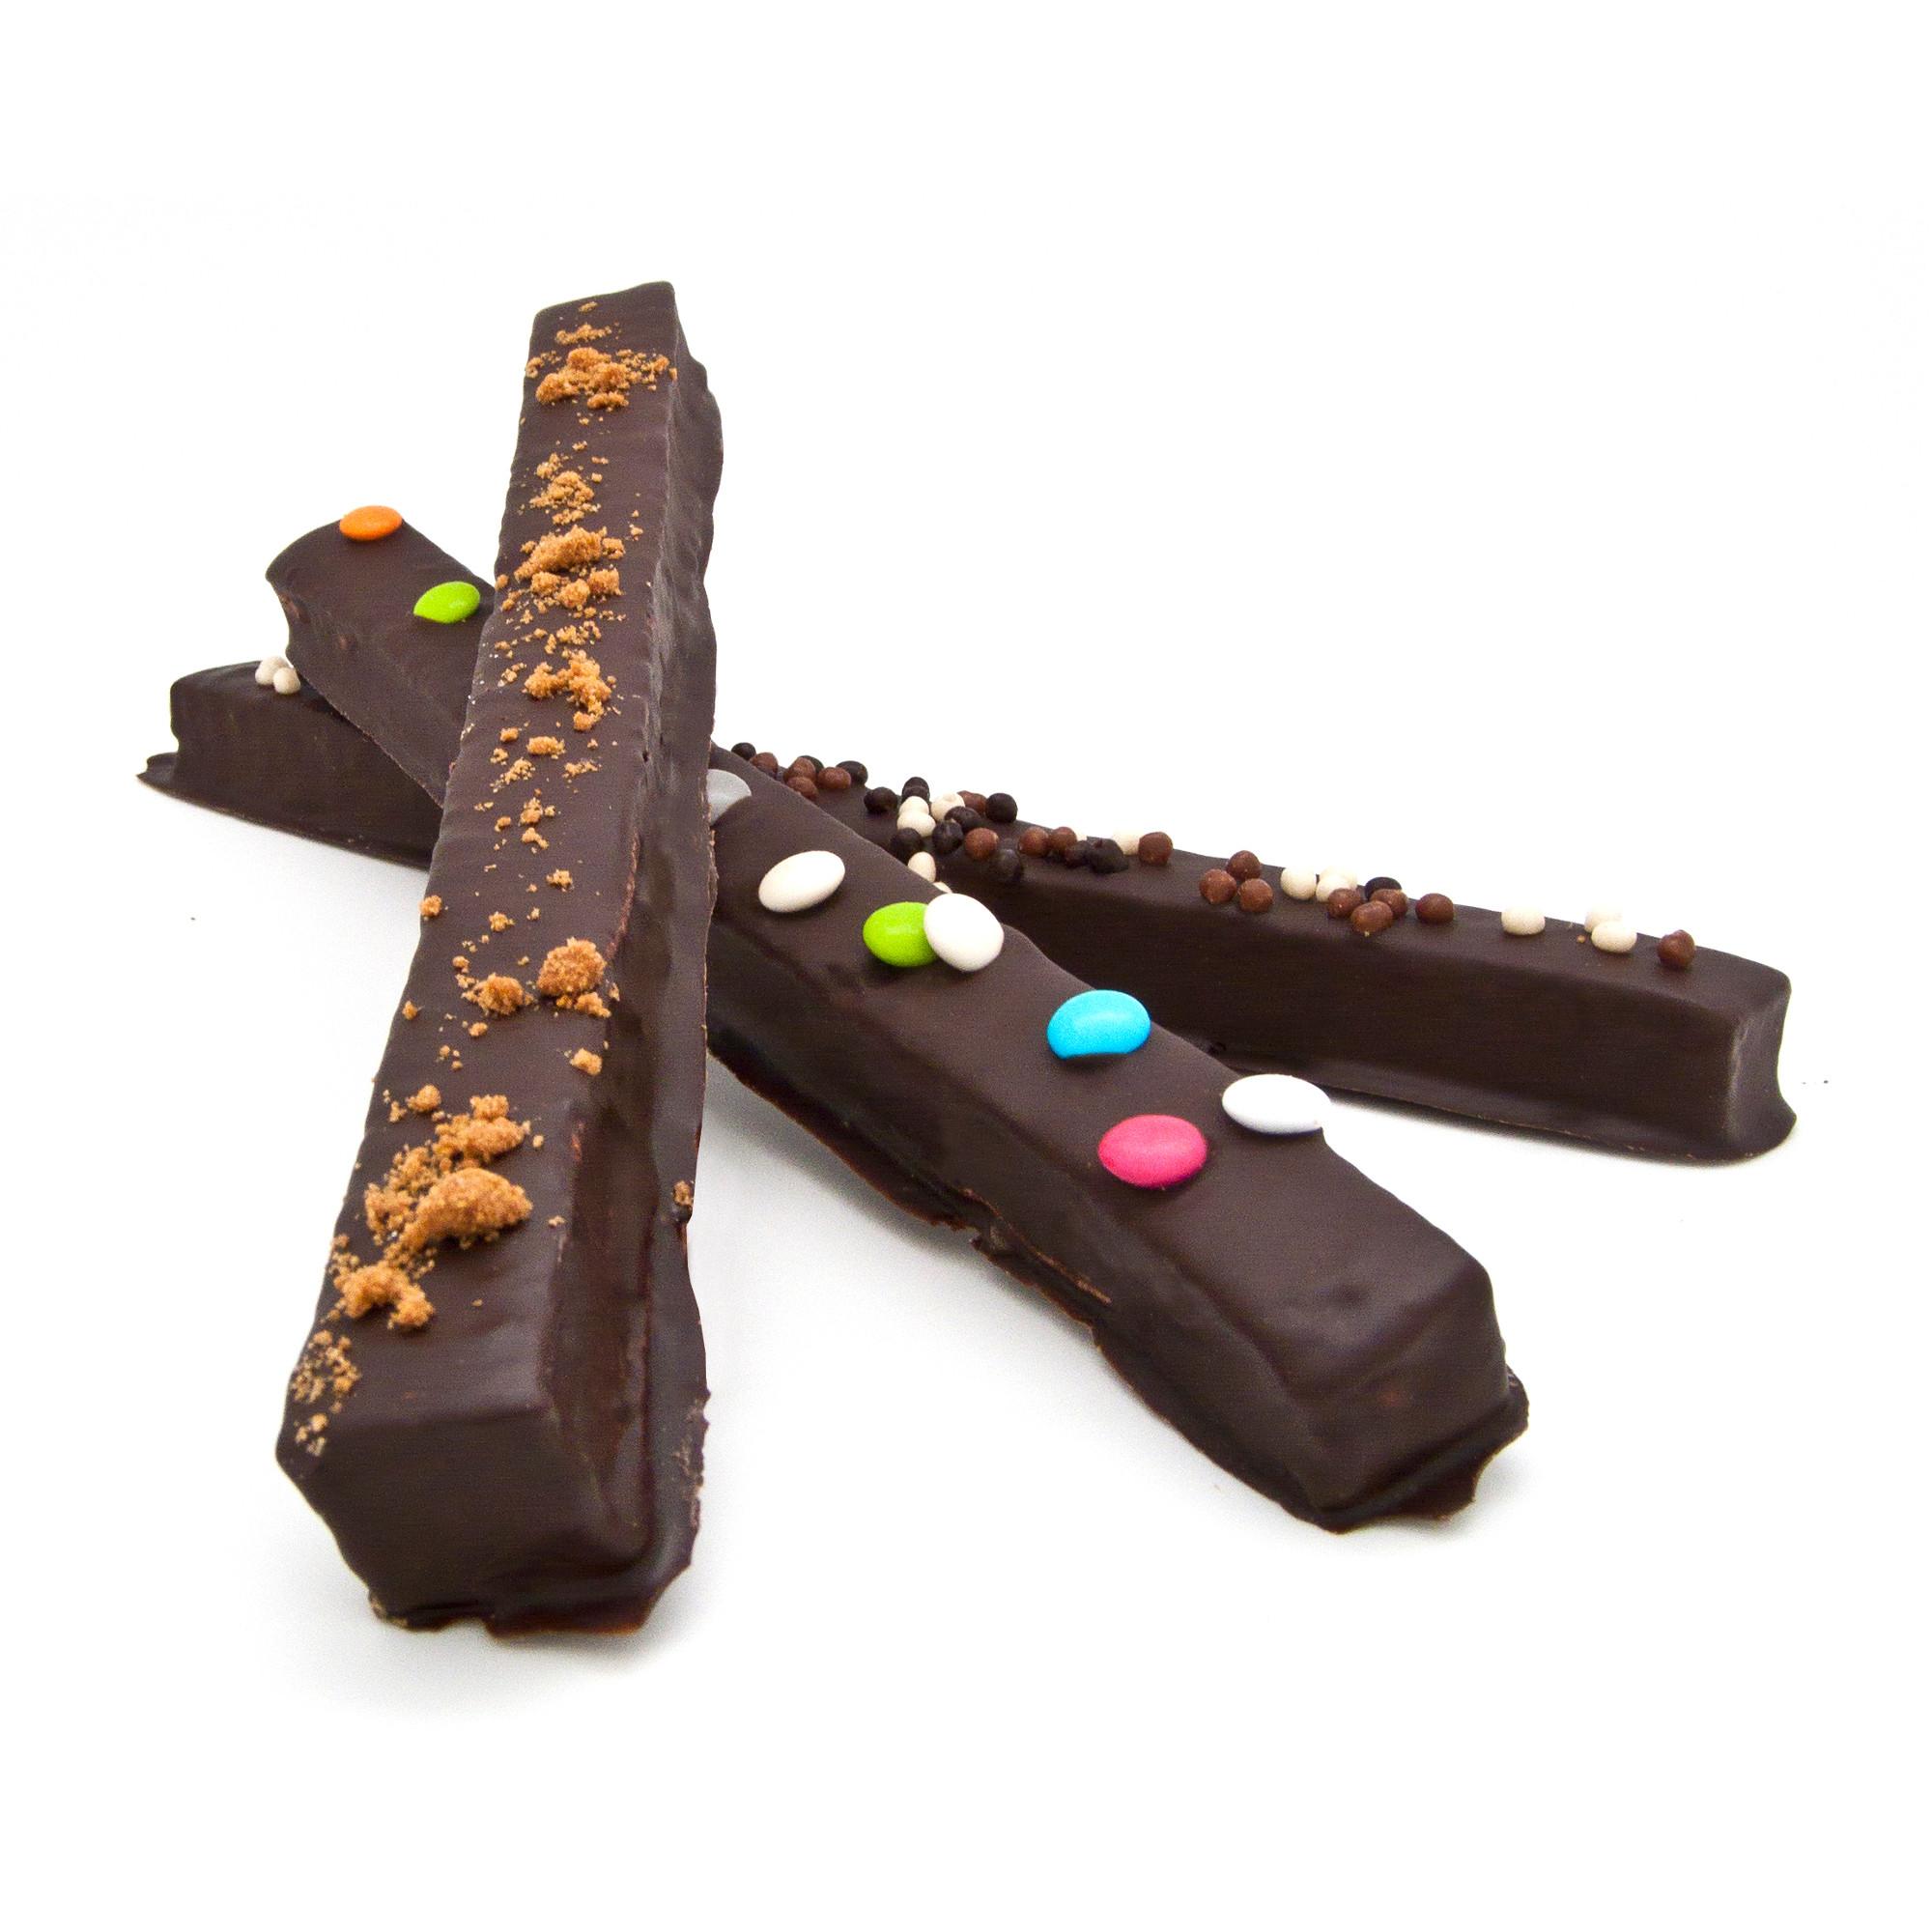 Lanières de guimauve enrobées de chocolat